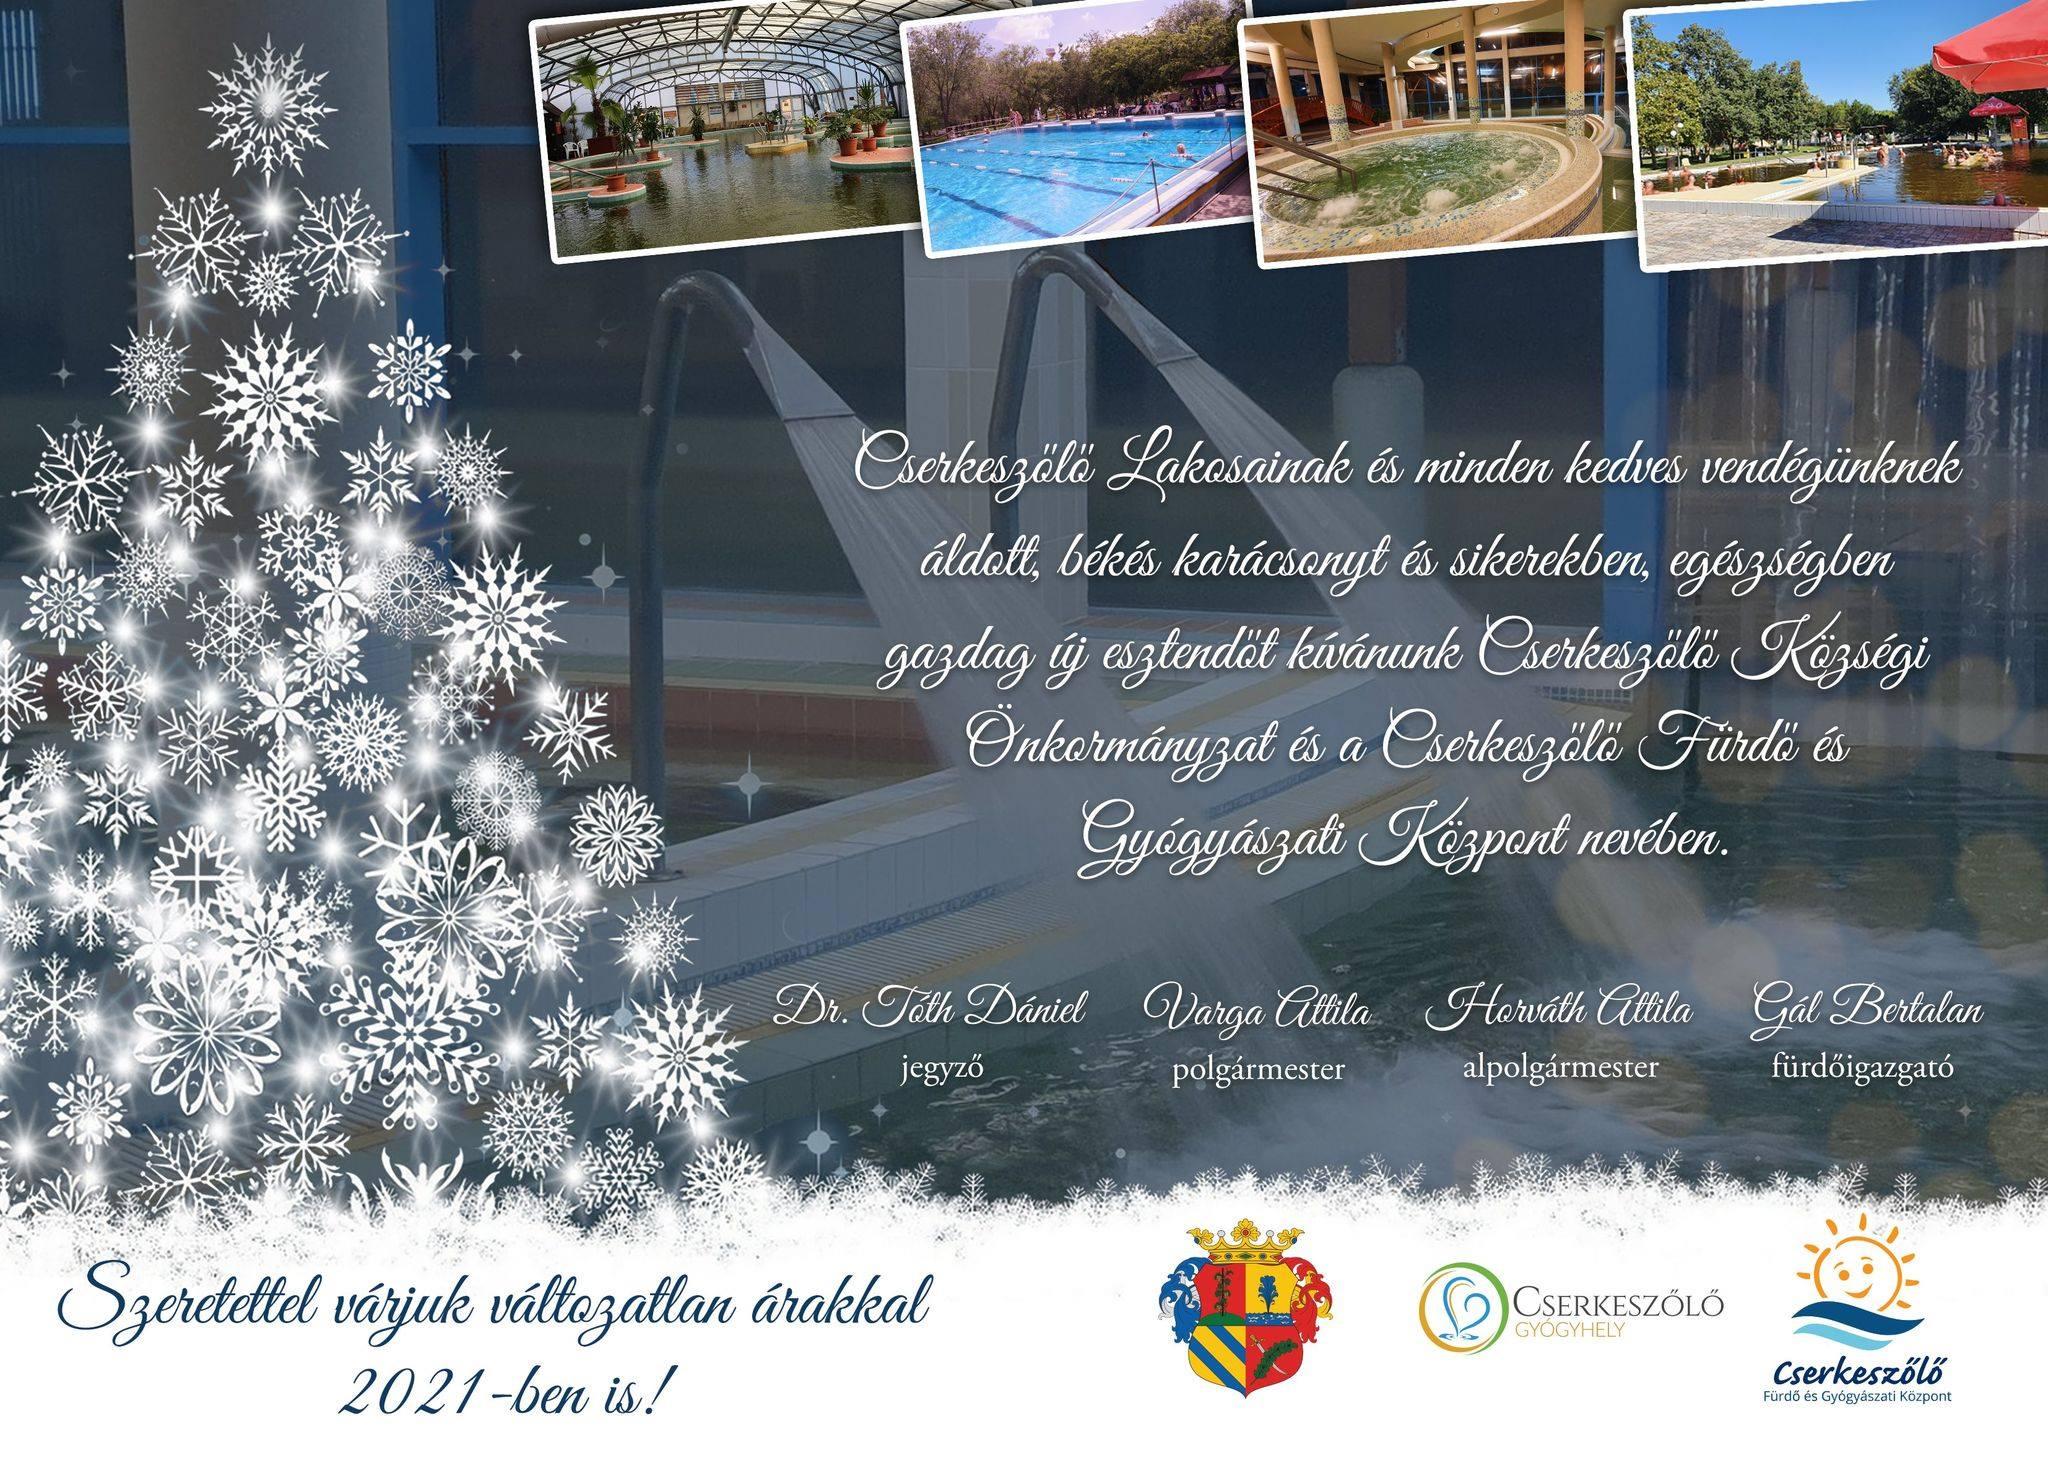 Cserkeszőlő Lakosainak és minden kedves vendégünknek áldott, békés karácsonyt és sikerekben, egészségben gazdag új esztendőt kívánunk!